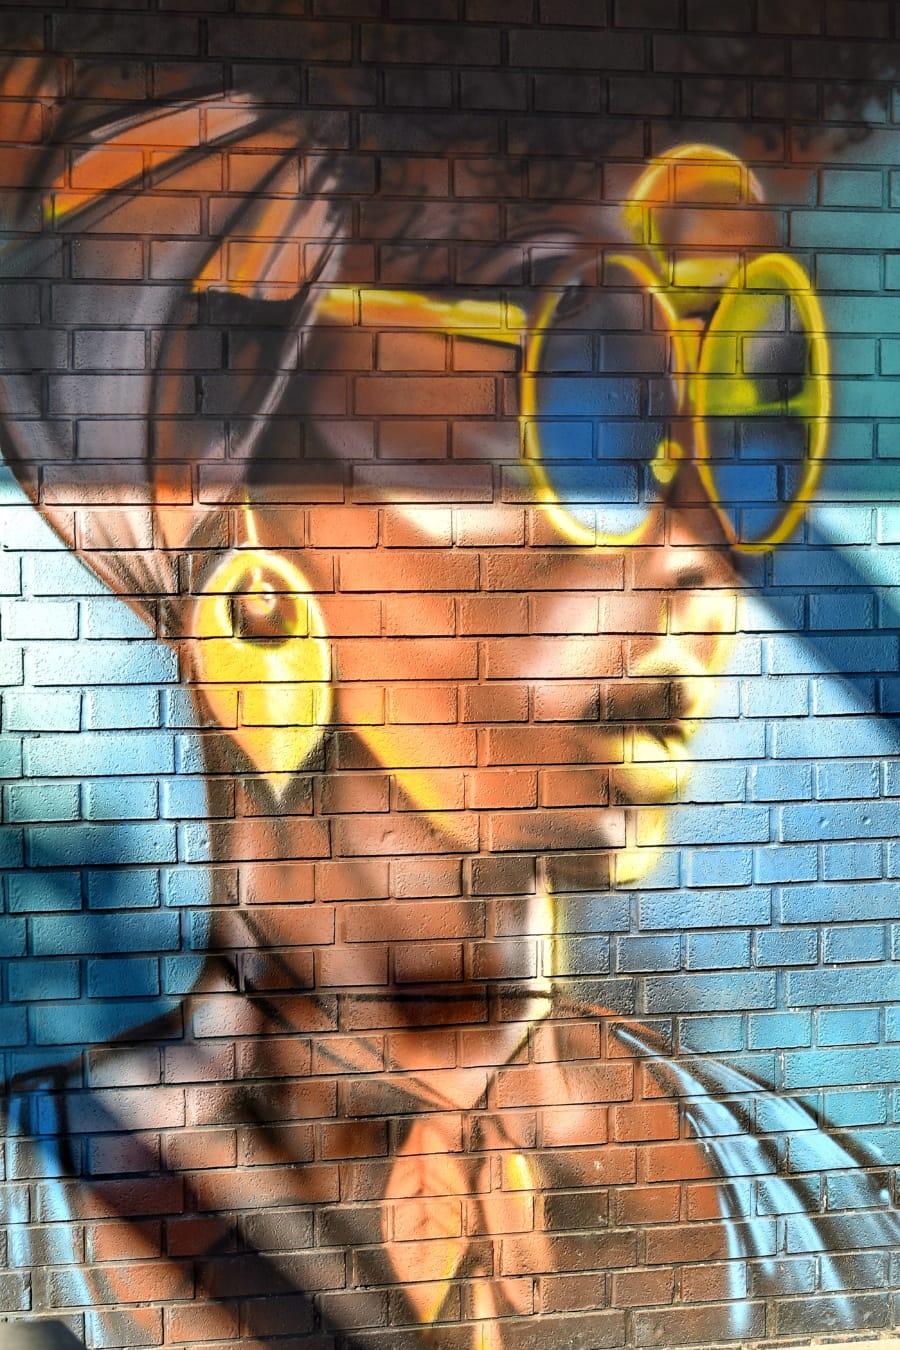 graffiti, bakstenen, jonge vrouw, muur, abstract, ontwerp, patroon, textuur, kunst, kleur